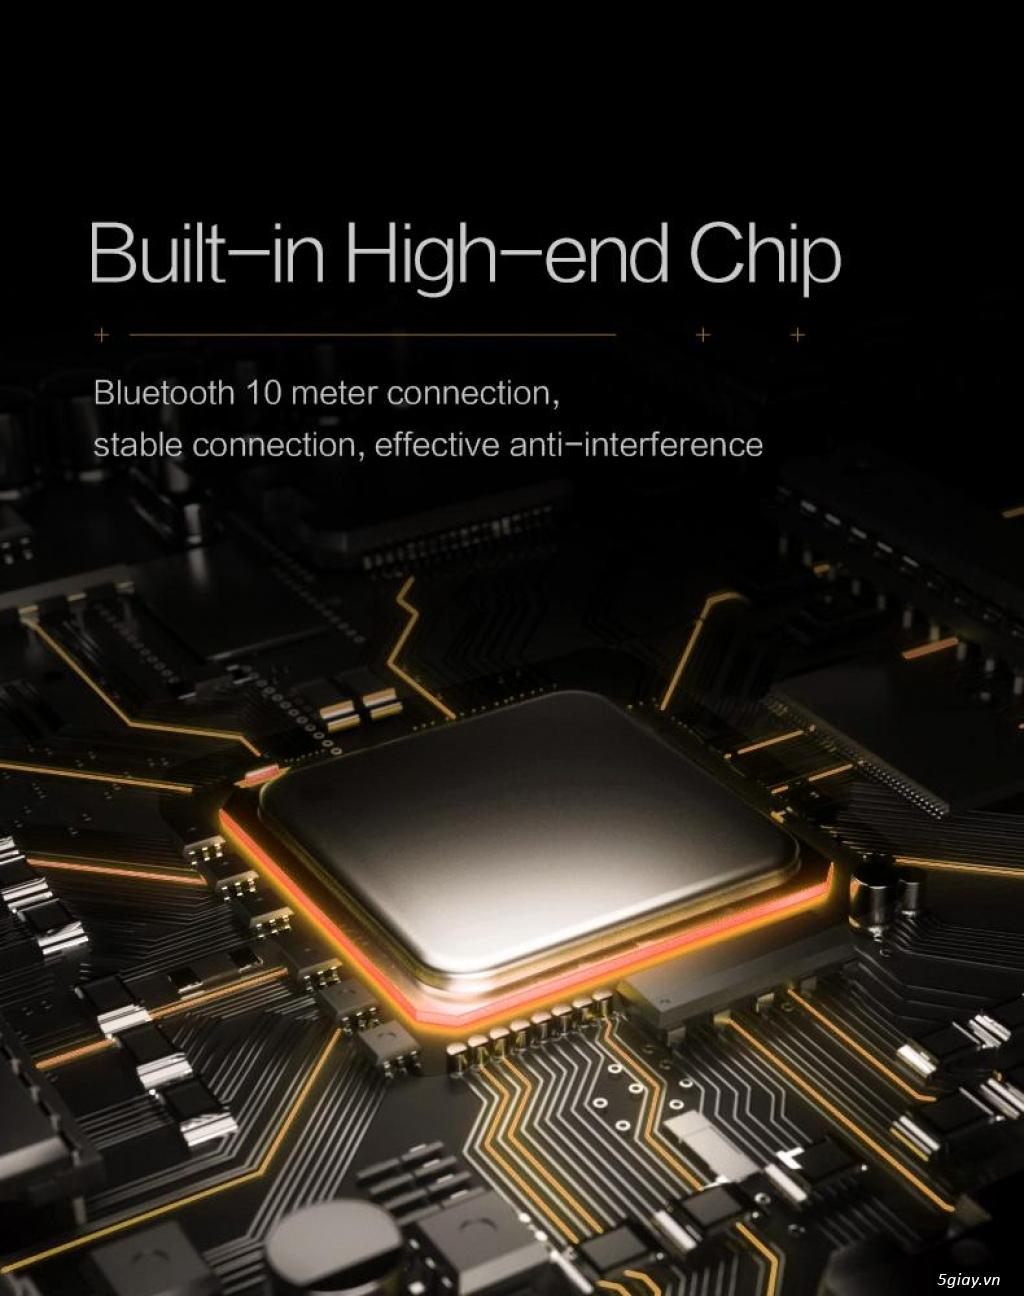 Bàn Phím Cơ Không Dây Bluetooth Cao Cấp, 61 Phím, Red Switch, LED Mono - 4